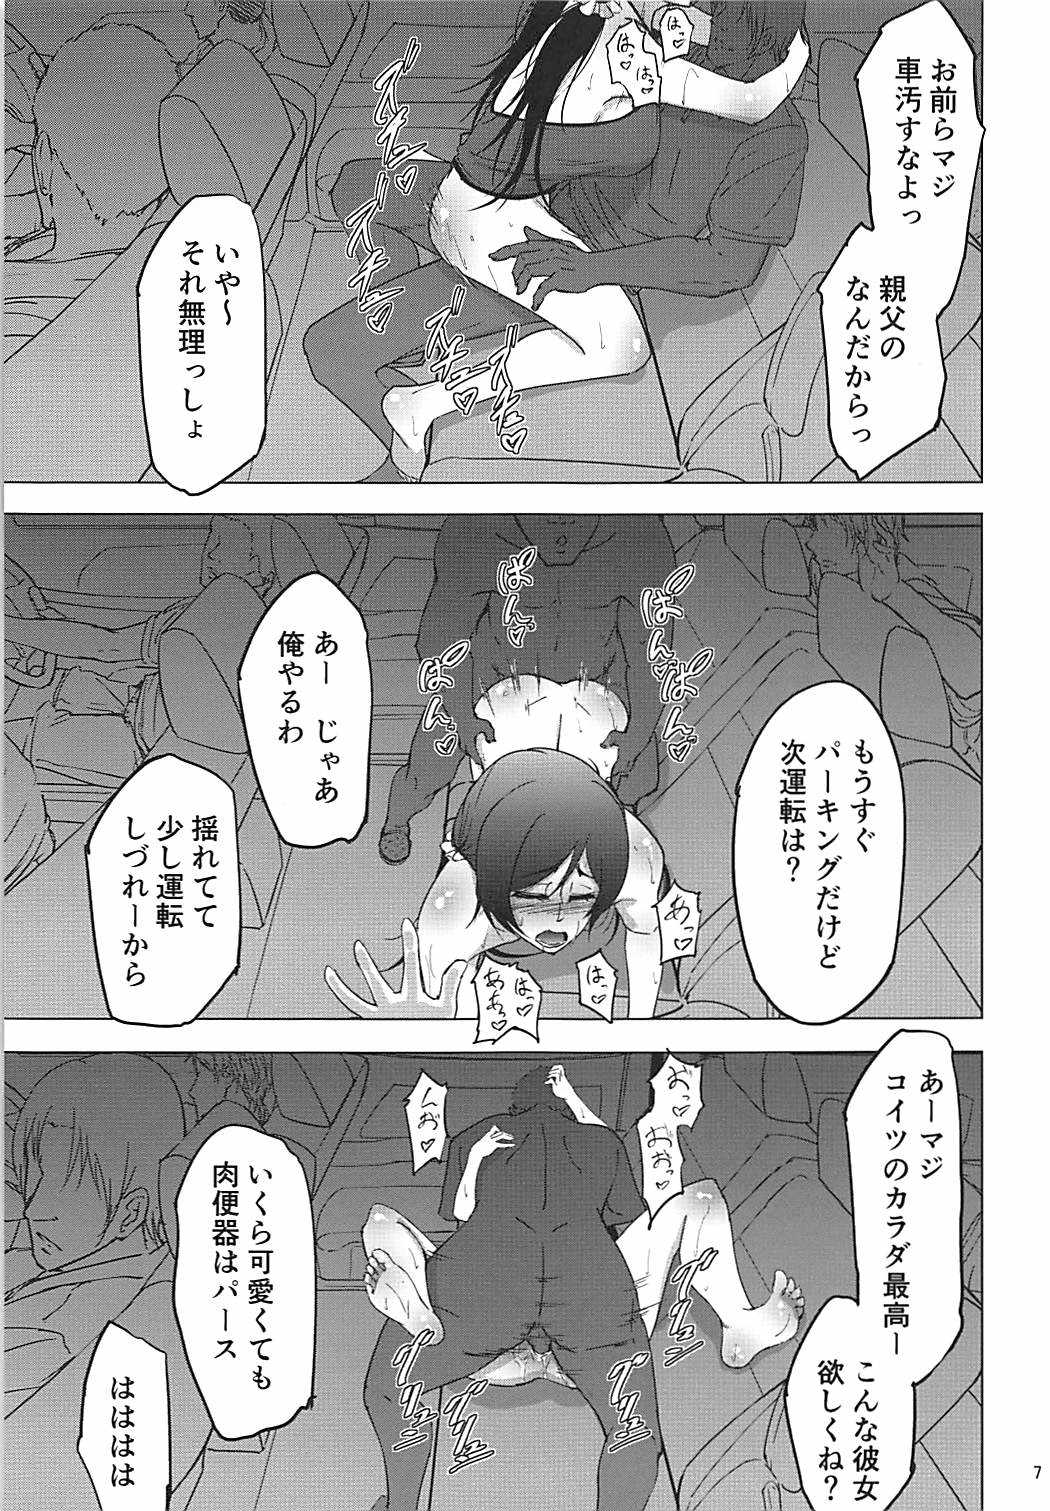 【エロ同人誌】(COMIC1☆13)ヤリサーの合宿に連れて来られたのんたん…散々凌辱された後おしっこザーメンビール一気飲みを強要されるwww【らっそん:のんたんビフォーアフターシーサイド】